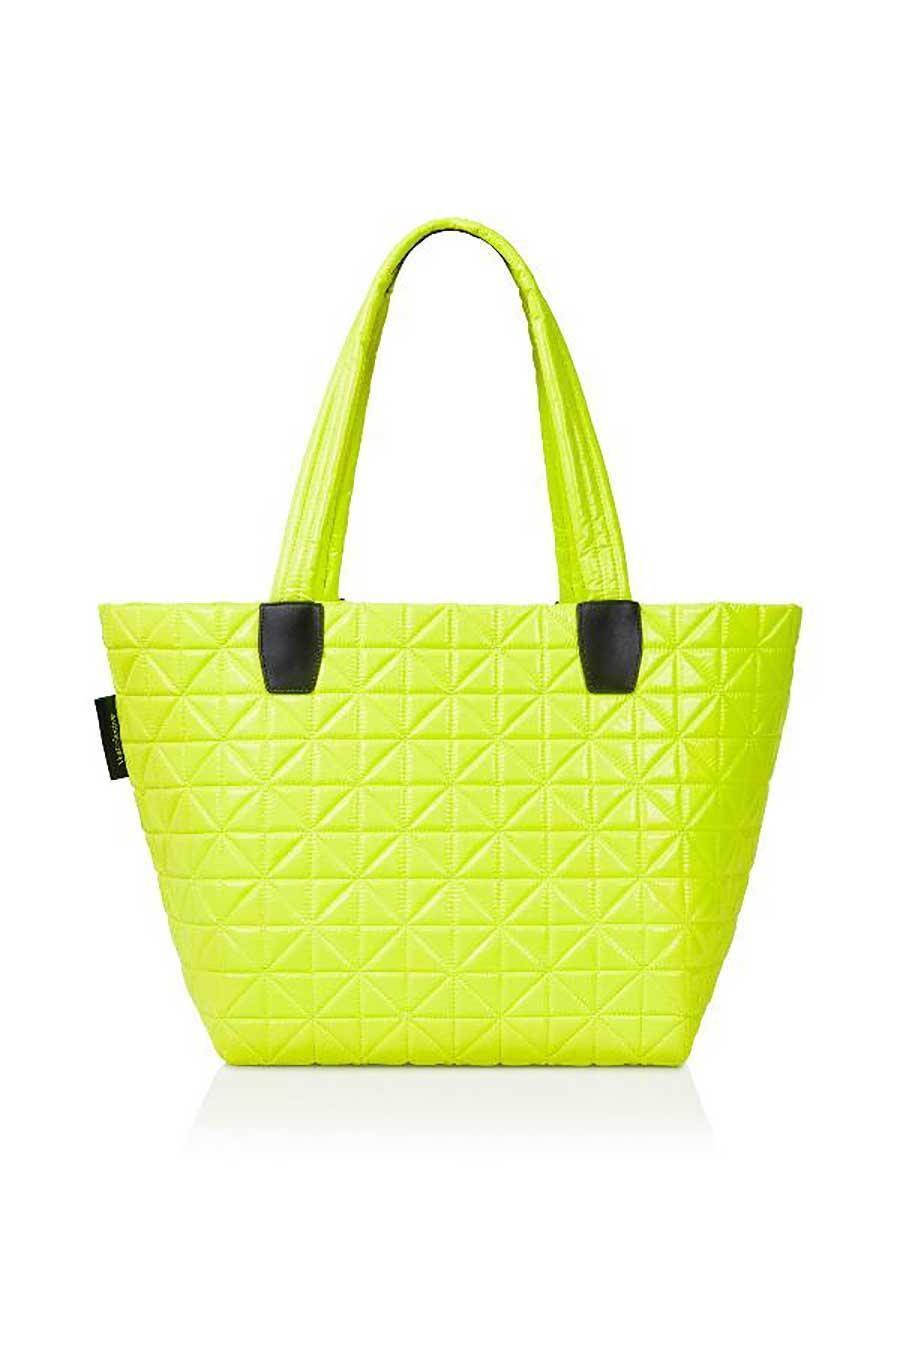 Lime Green Gym Tote Bag